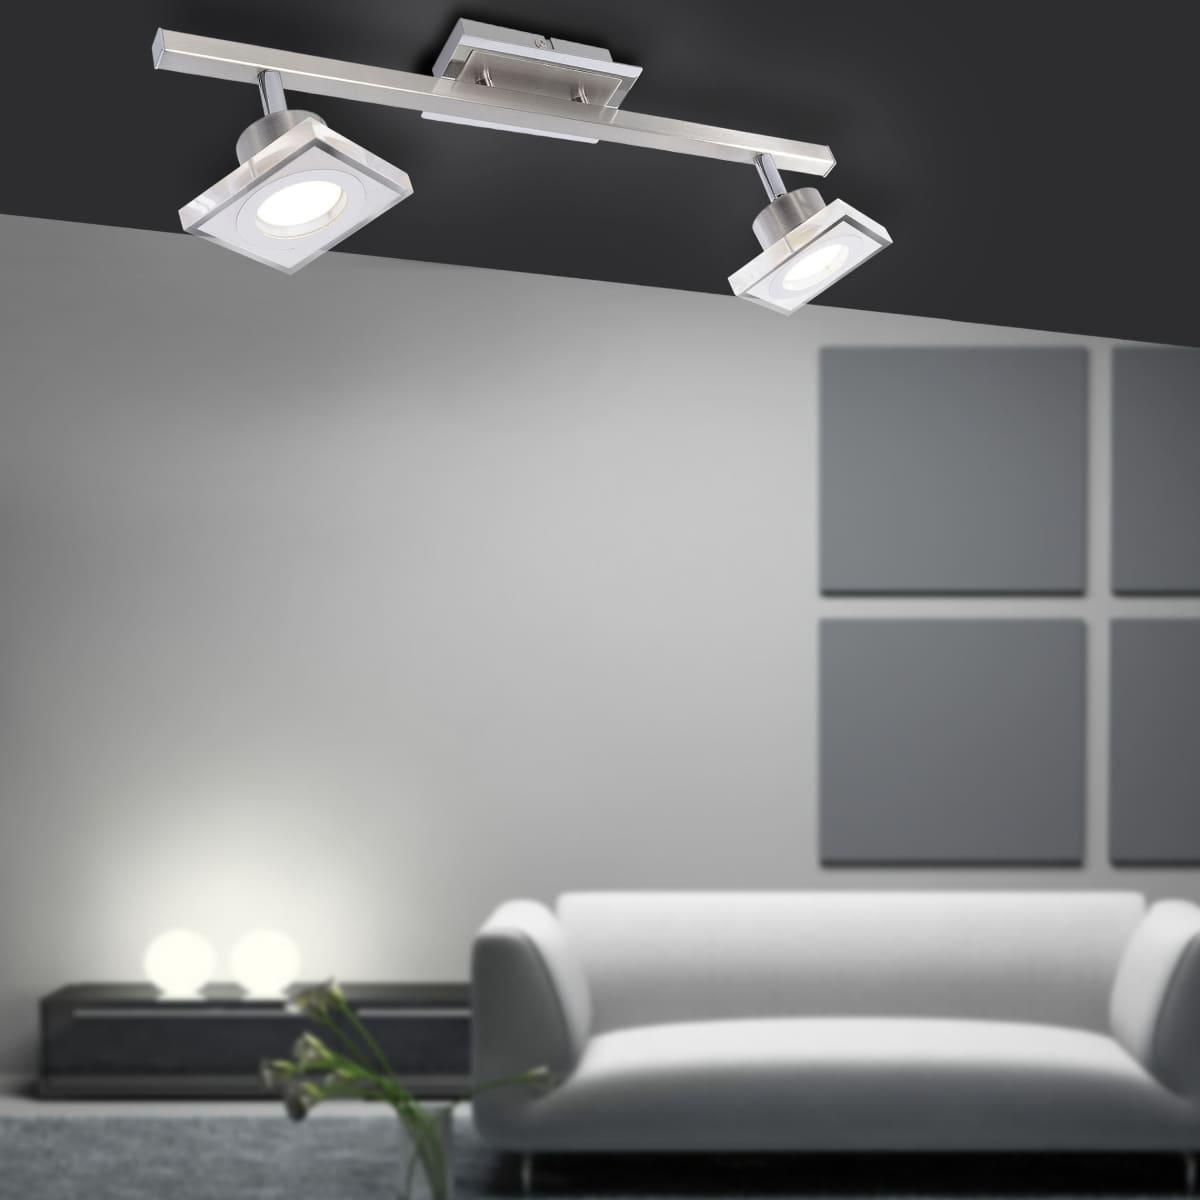 LED-Deckenleuchte in Stahl mit 2 Leuchtköpfen und warmweißer Lichtfarbe inkl. Switchmo Dimmfunktion